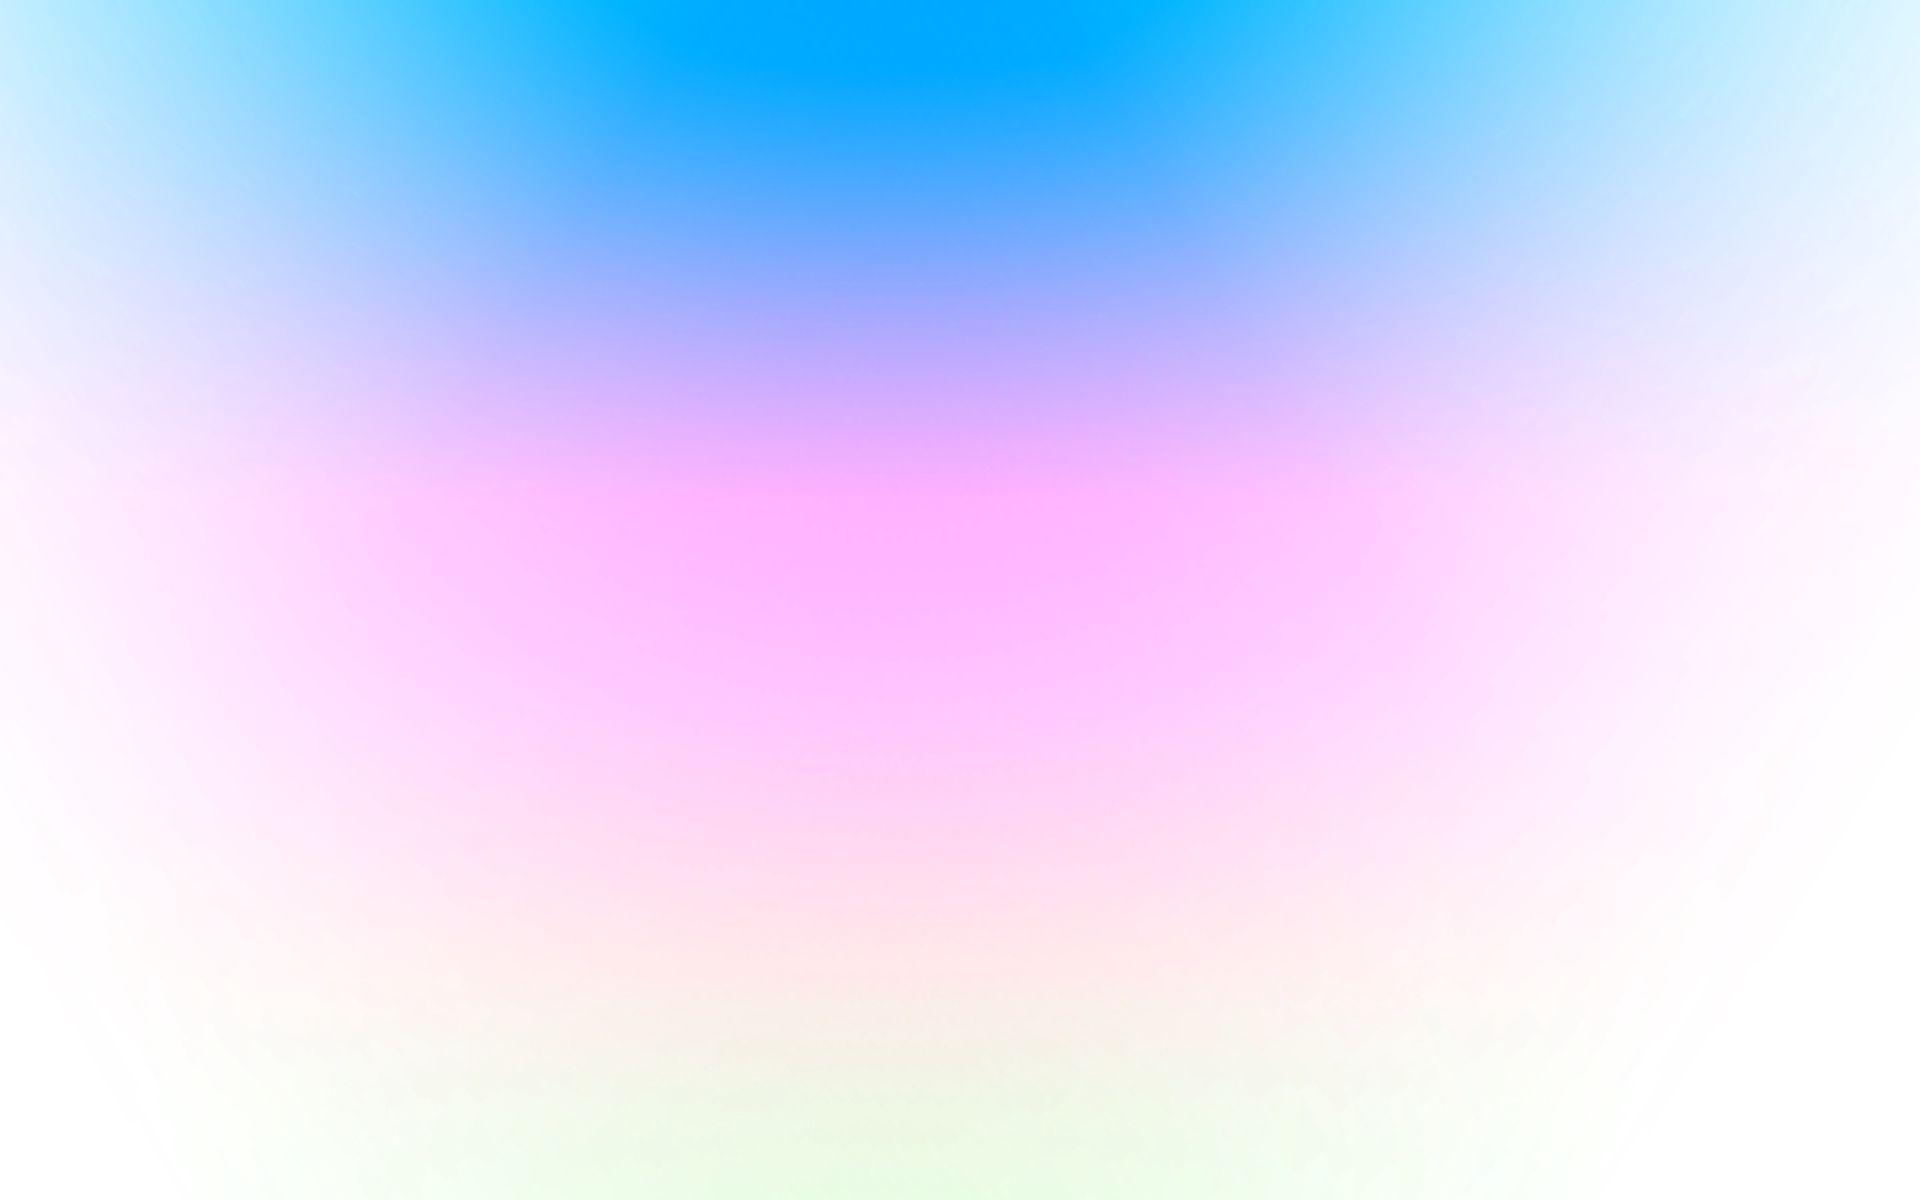 89669 économiseurs d'écran et fonds d'écran Abstrait sur votre téléphone. Téléchargez Abstrait, Surface, Briller, Lumière, Peindre, Peinture images gratuitement